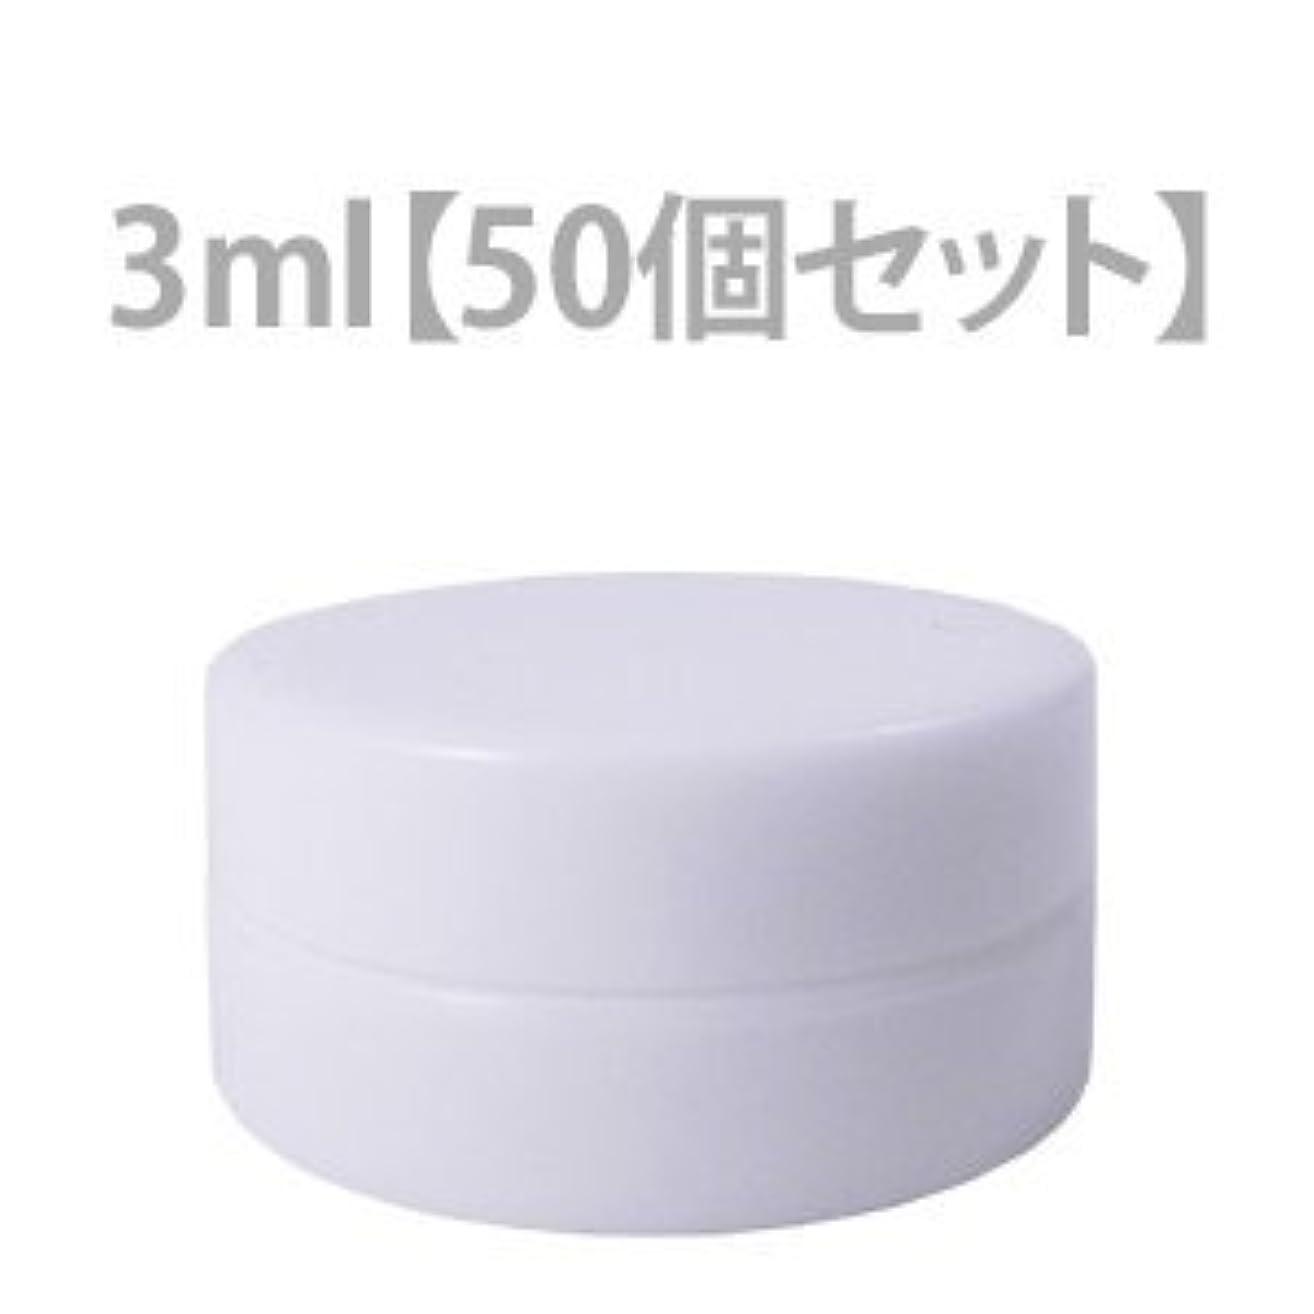 バーゲン午後充電クリーム用容器 3ml (50個セット) 【化粧品容器】